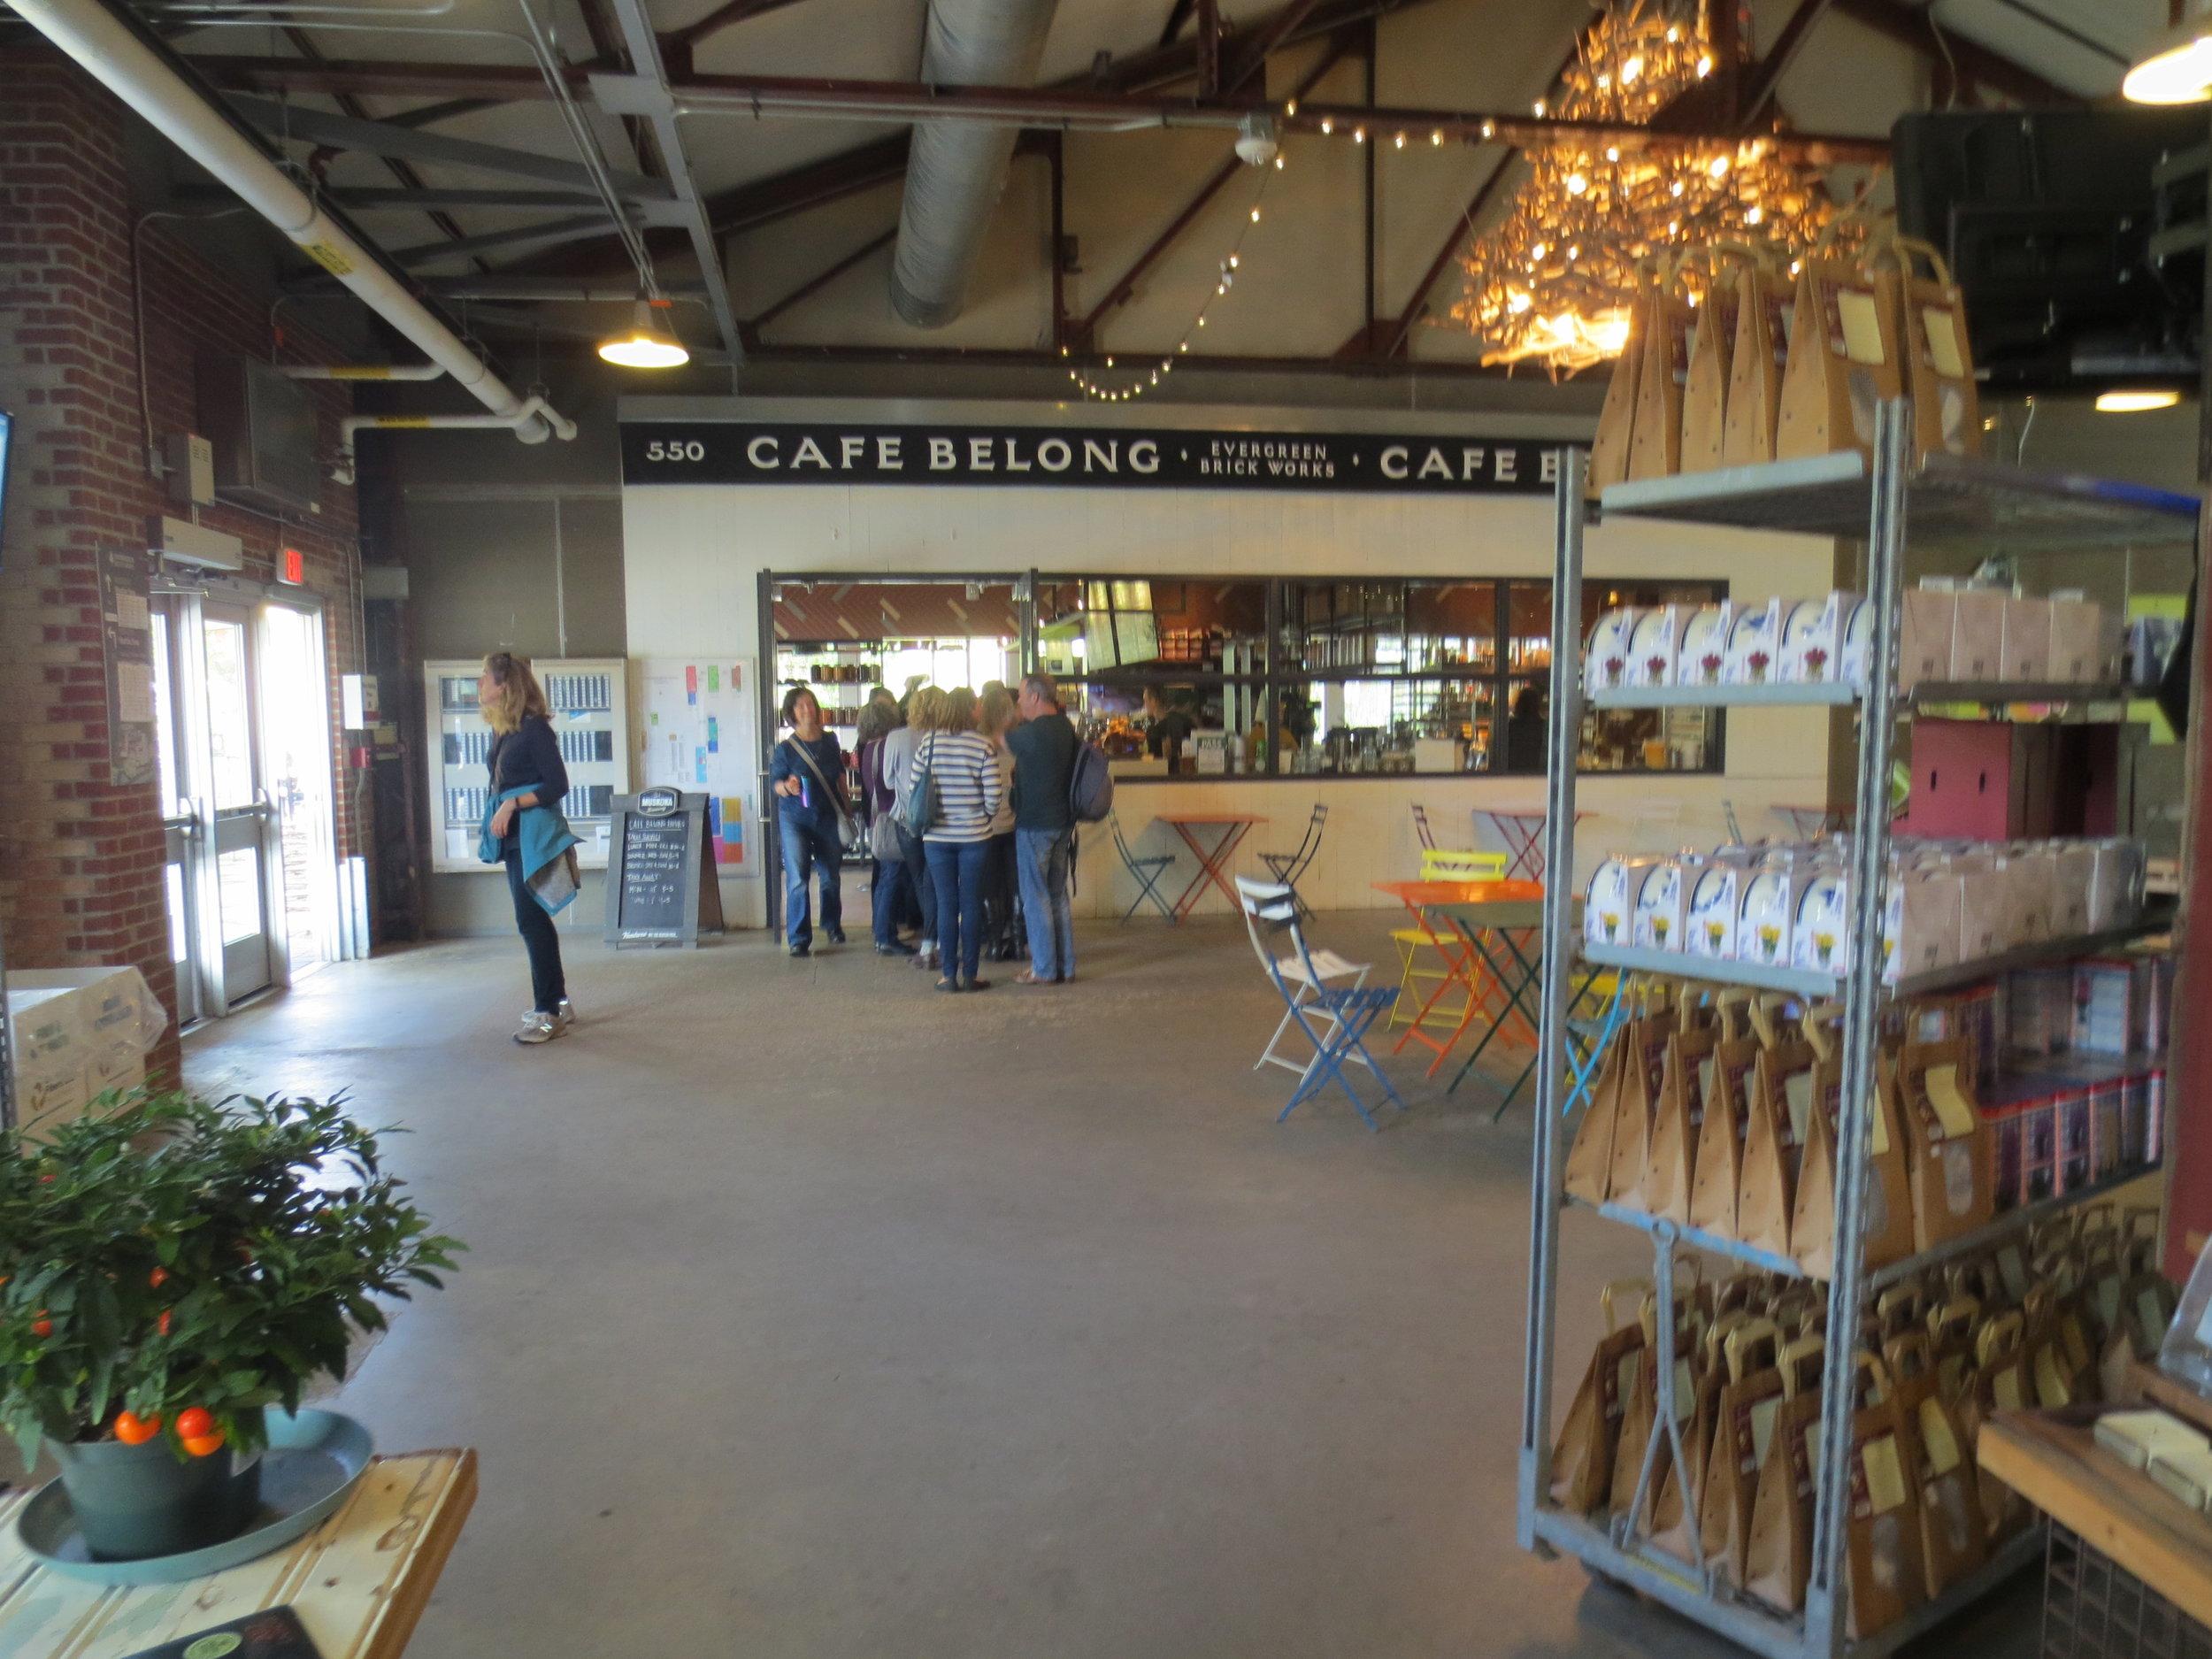 Picture of entrance of Café Belong